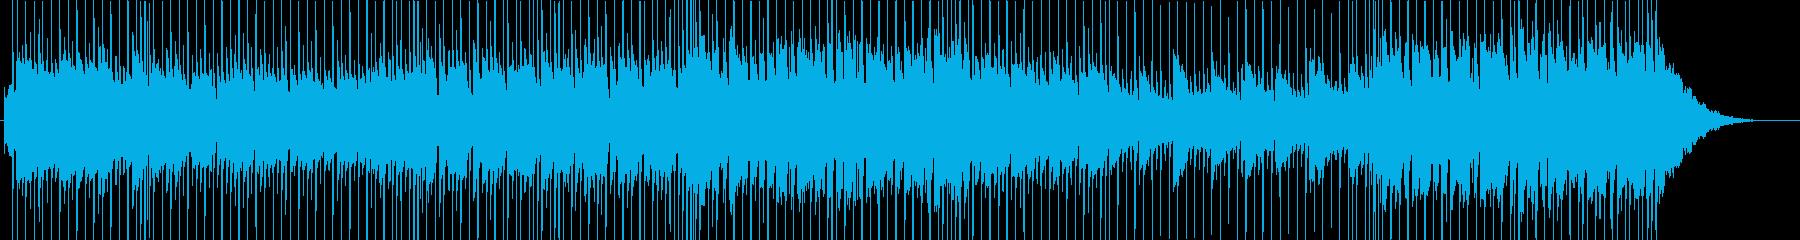 元気よく歩く速度のポップなロックの再生済みの波形